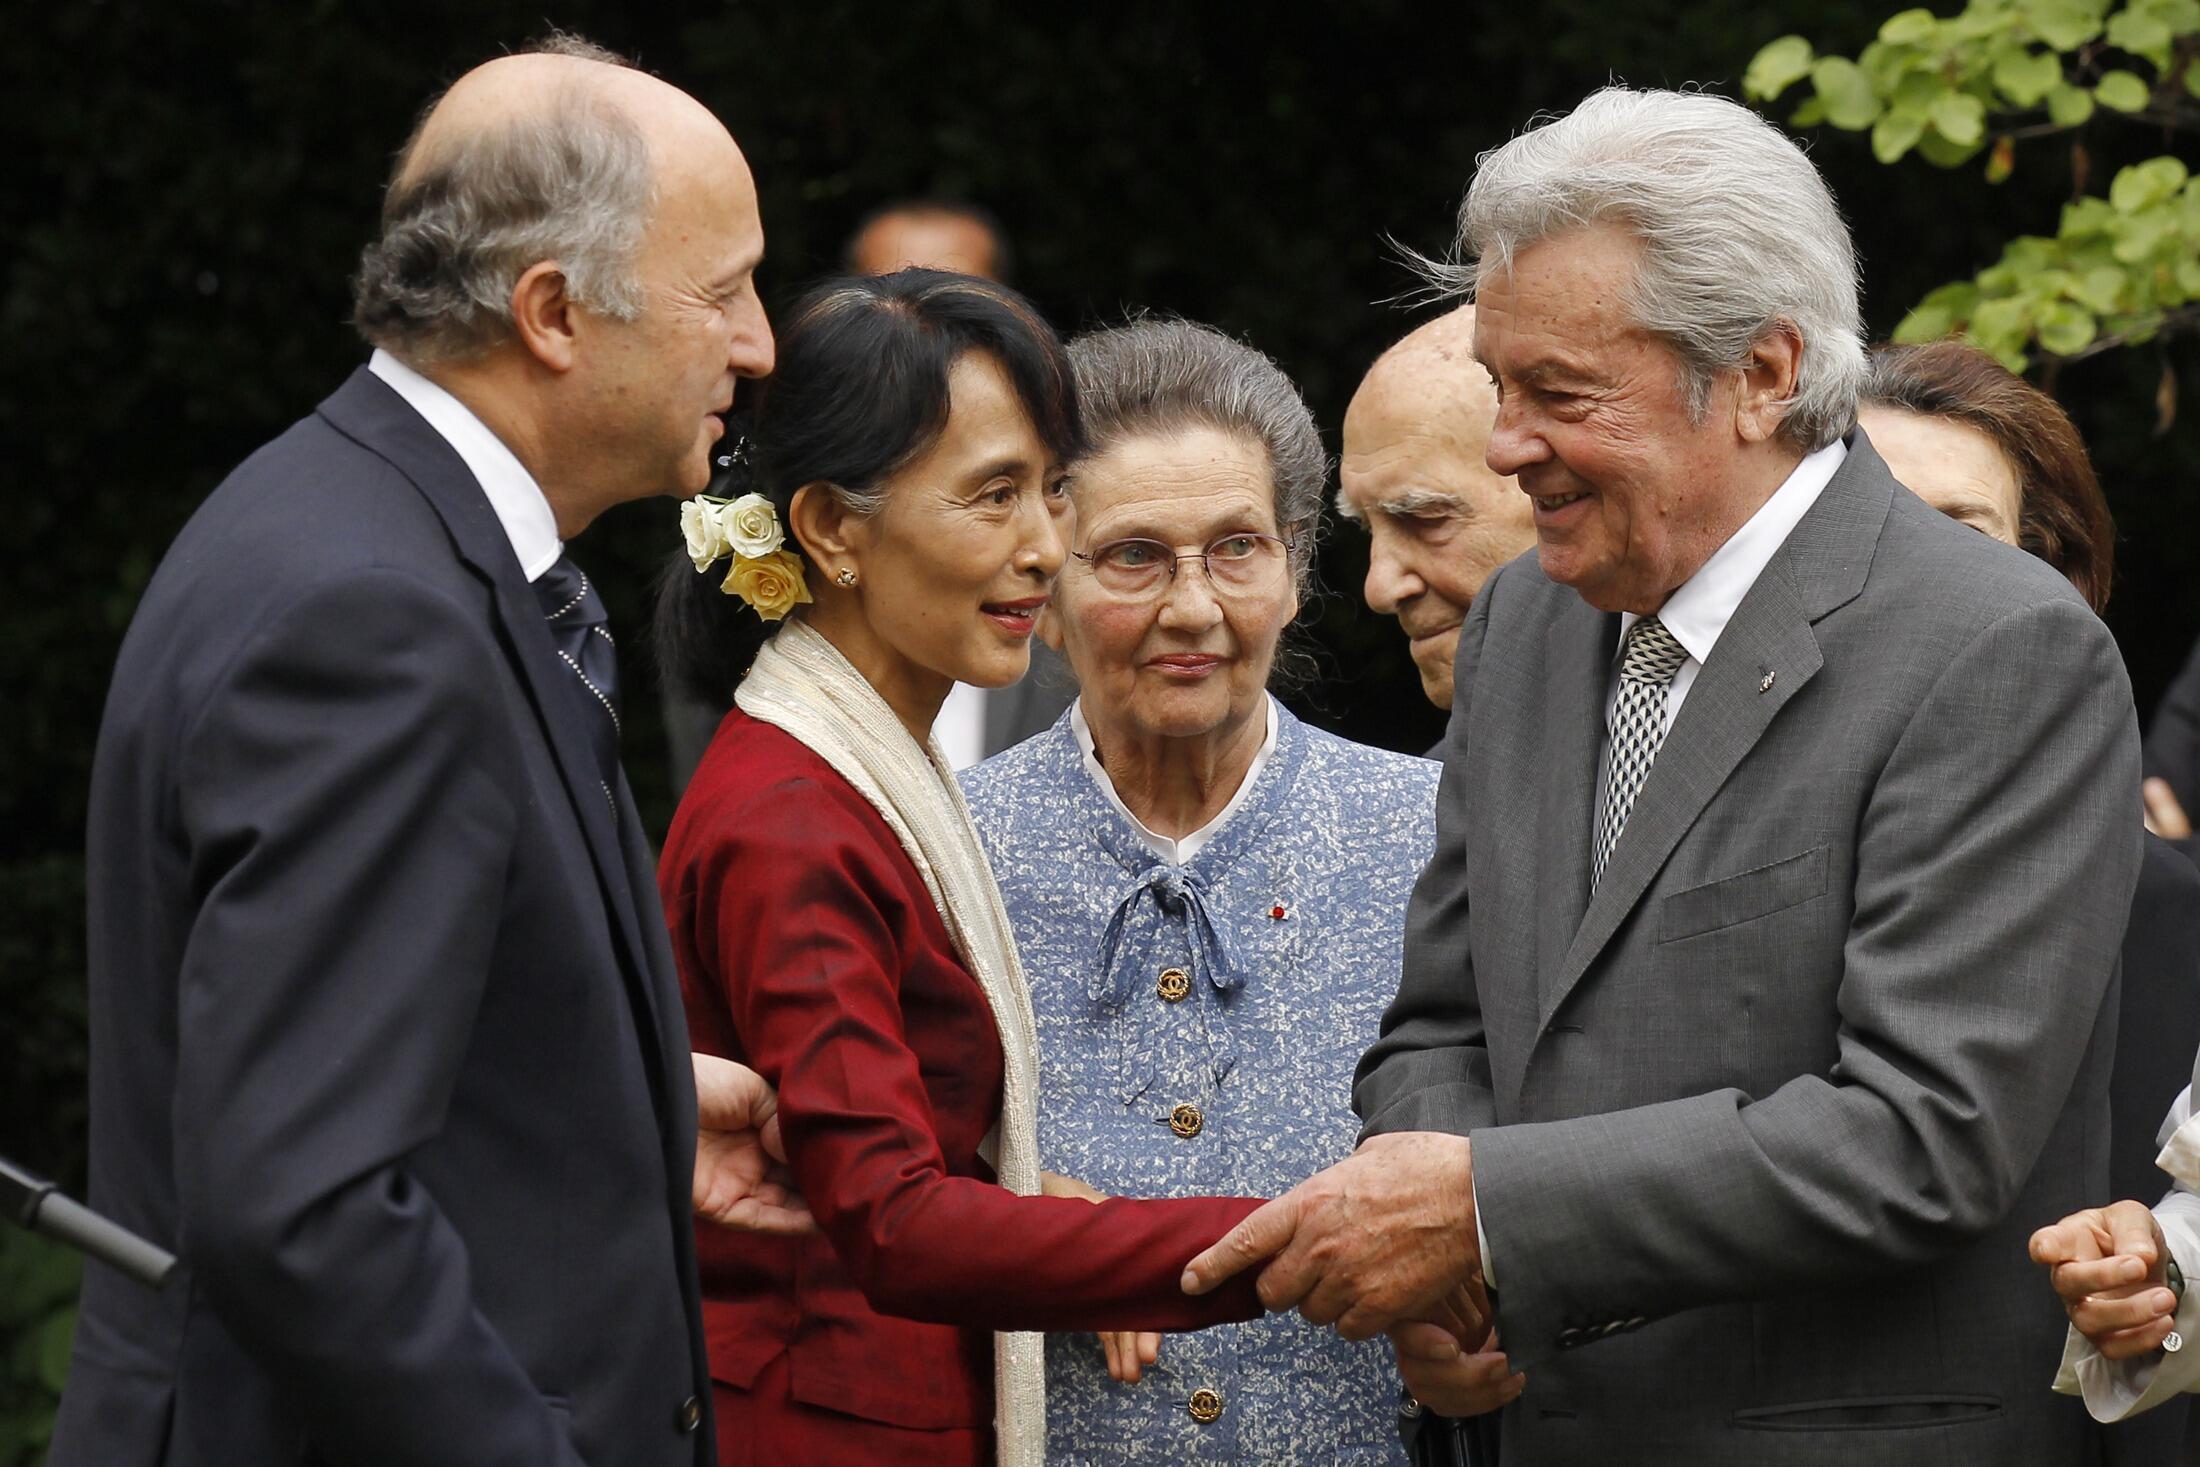 Đối lập Aung San Suu Kyi và Ngoại trưởng Pháp (trái) cùng nam diễn viên Alain Delon. Paris ngày 27/06/2012